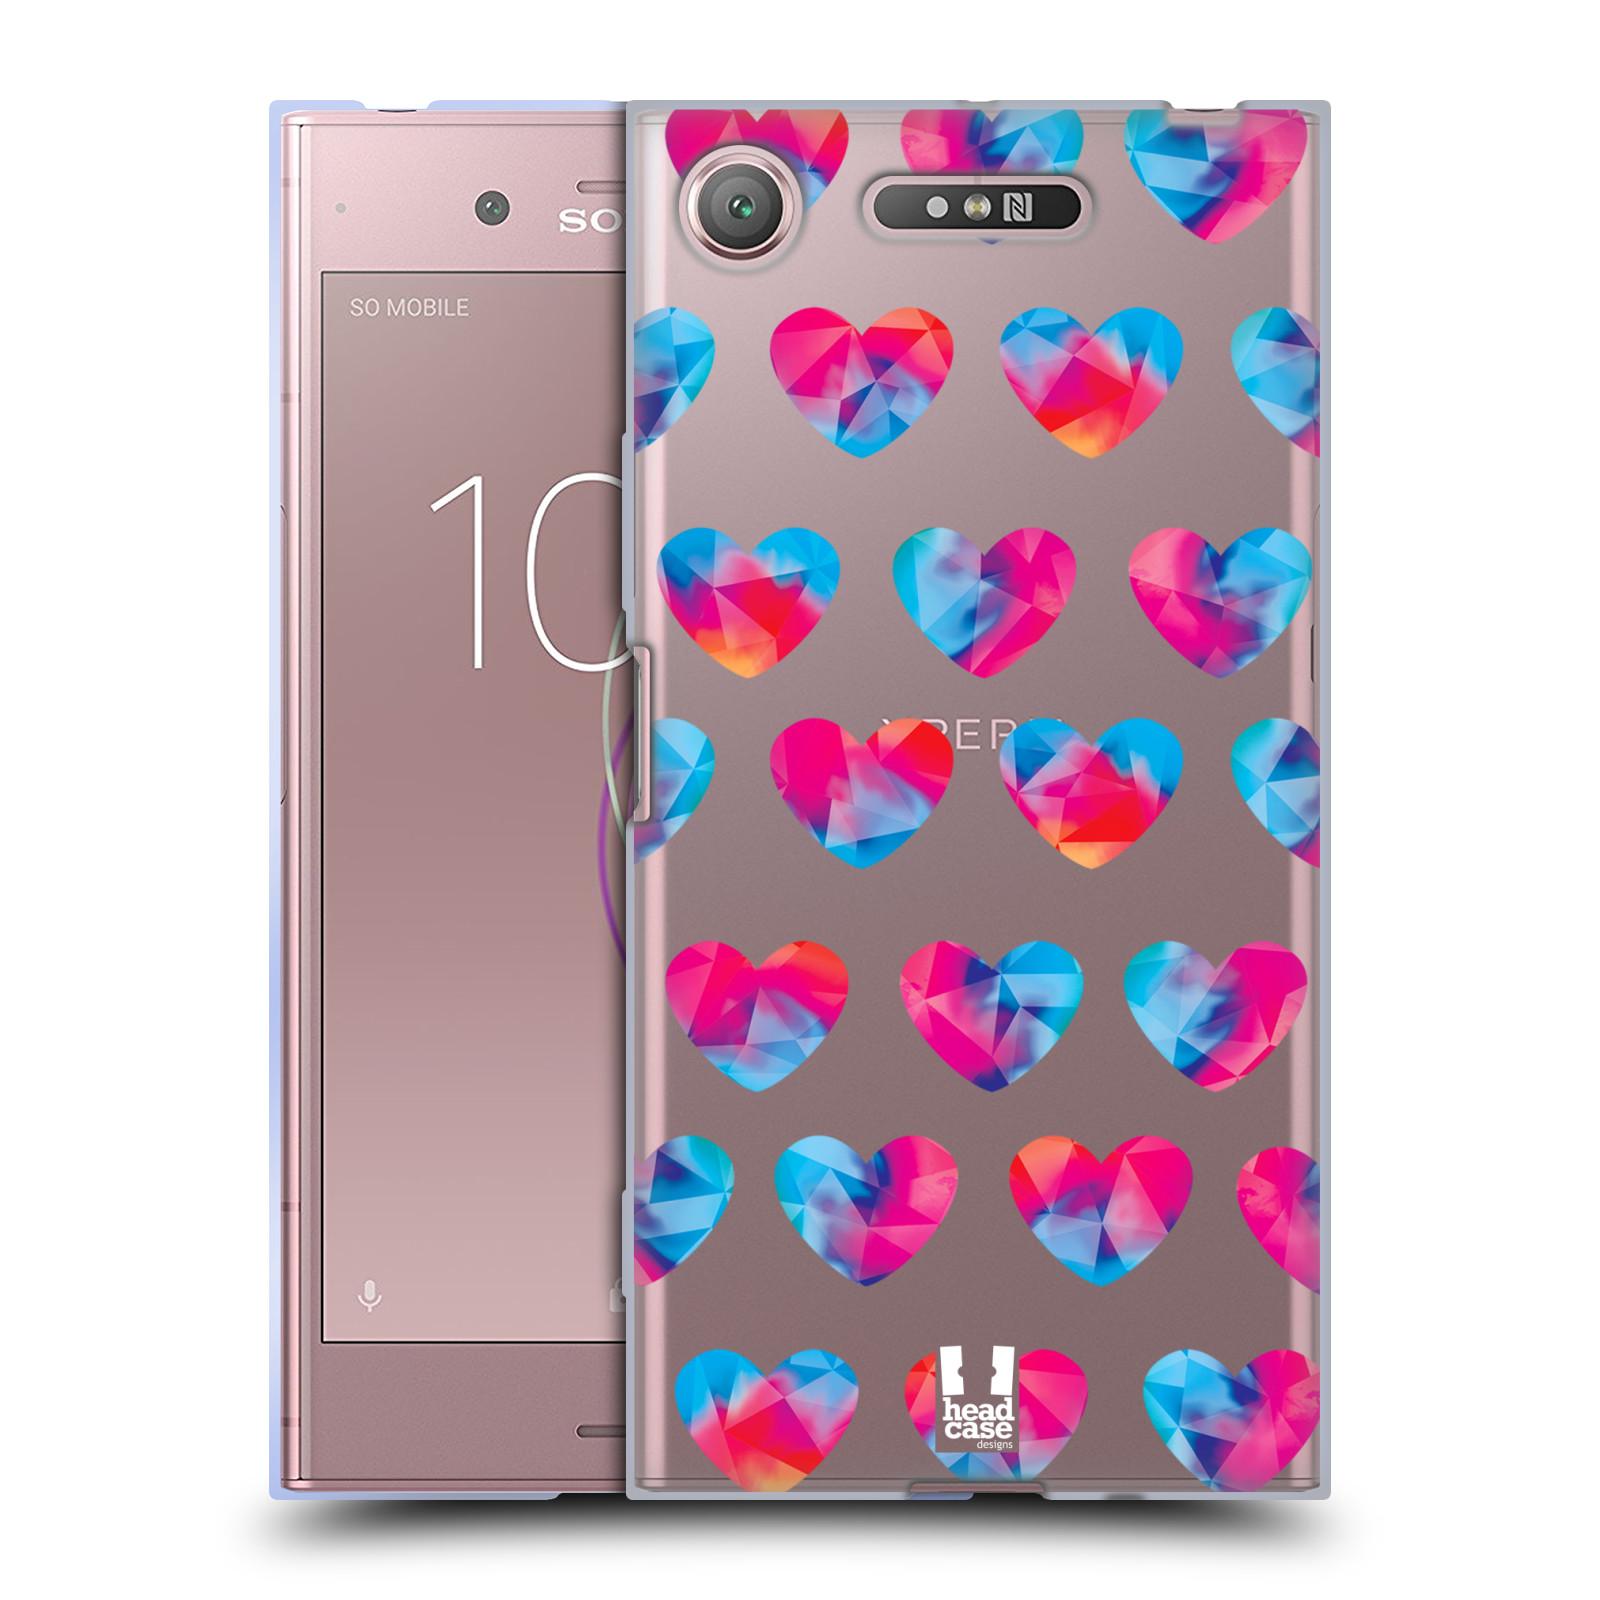 Silikonové pouzdro na mobil Sony Xperia XZ1 - Head Case - Srdíčka hrající barvami